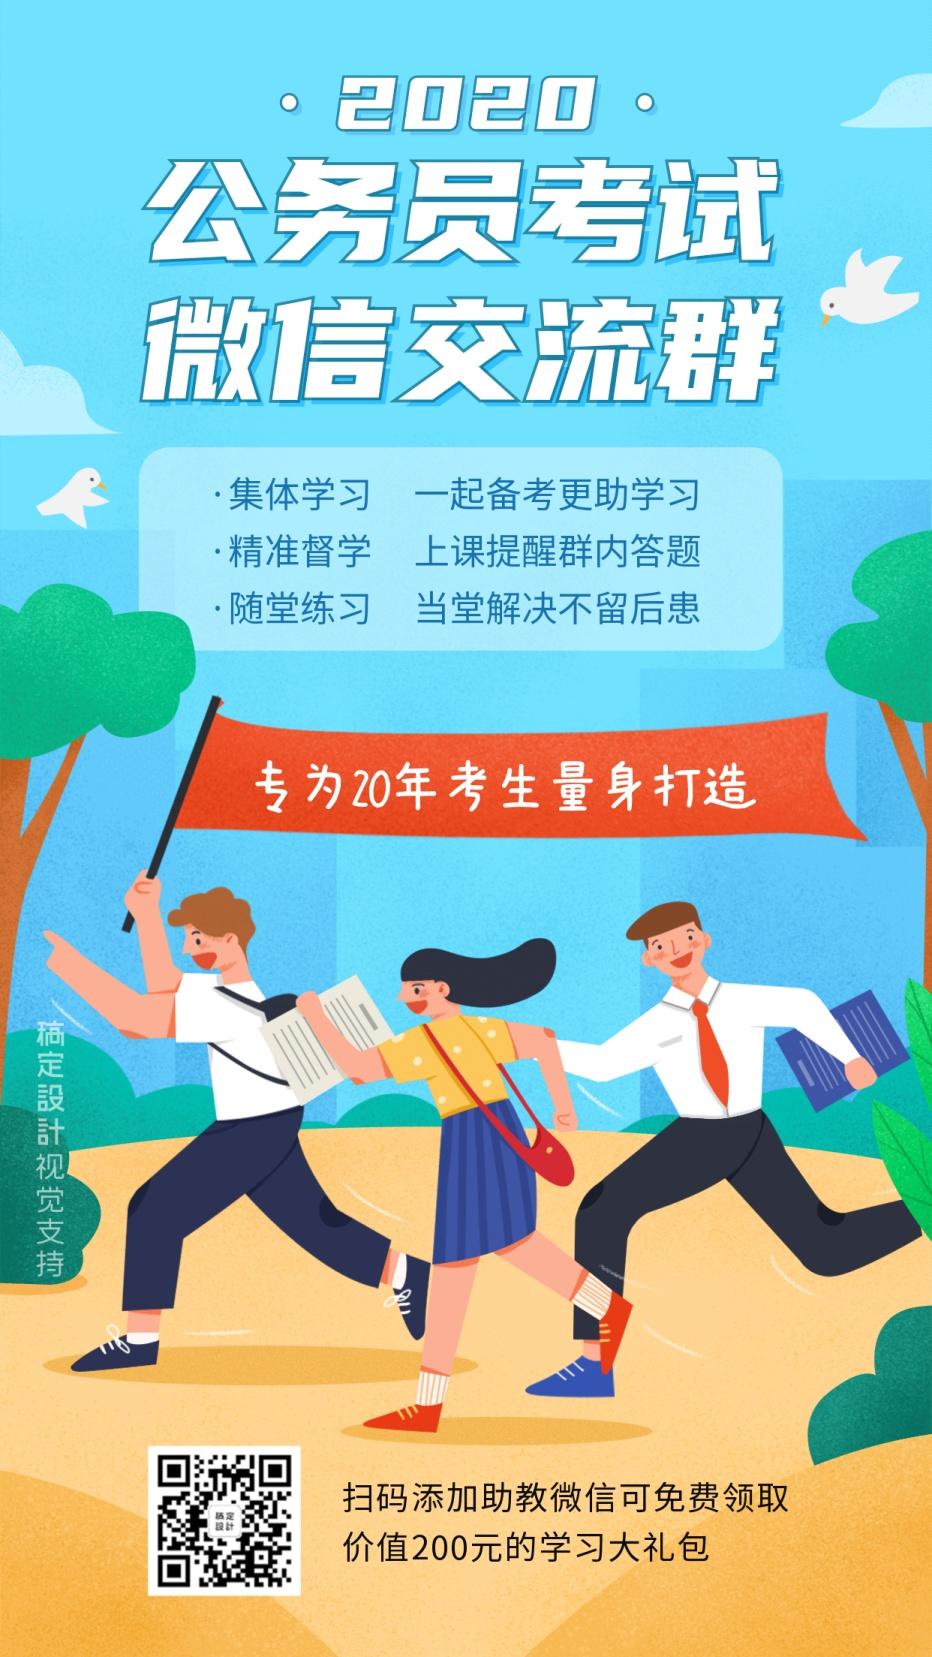 公考省考公务员交流群海报